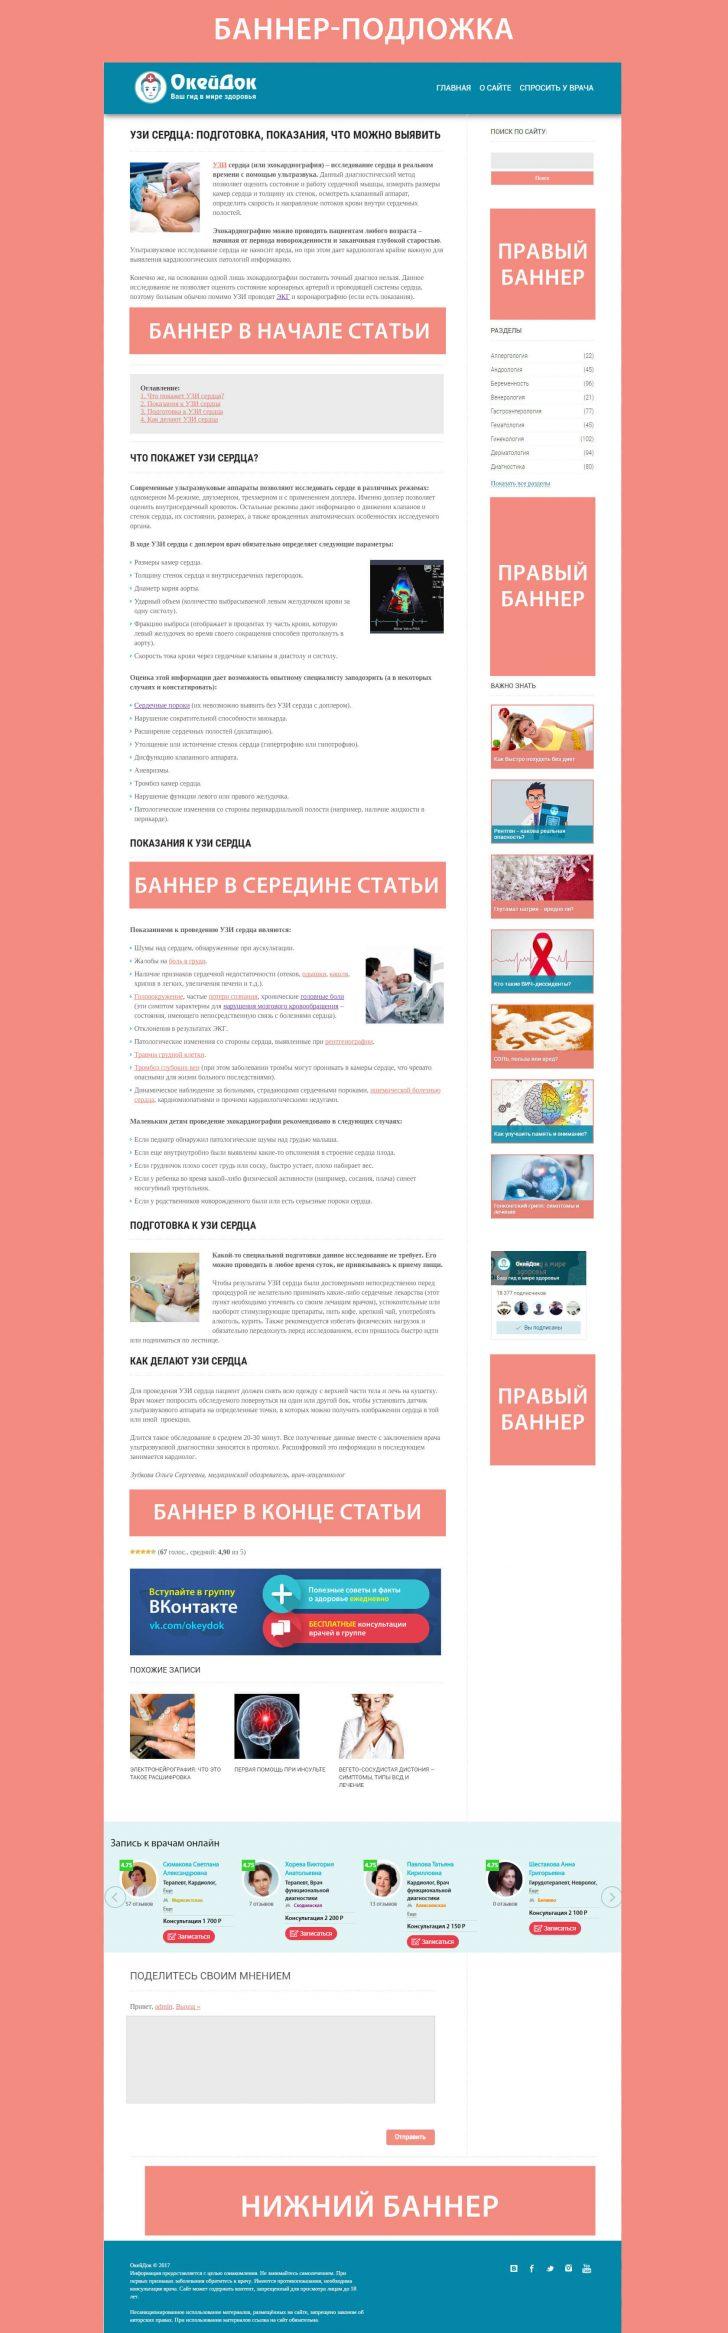 Бесплатная реклама сайта в п контекстная реклама обучение в минске